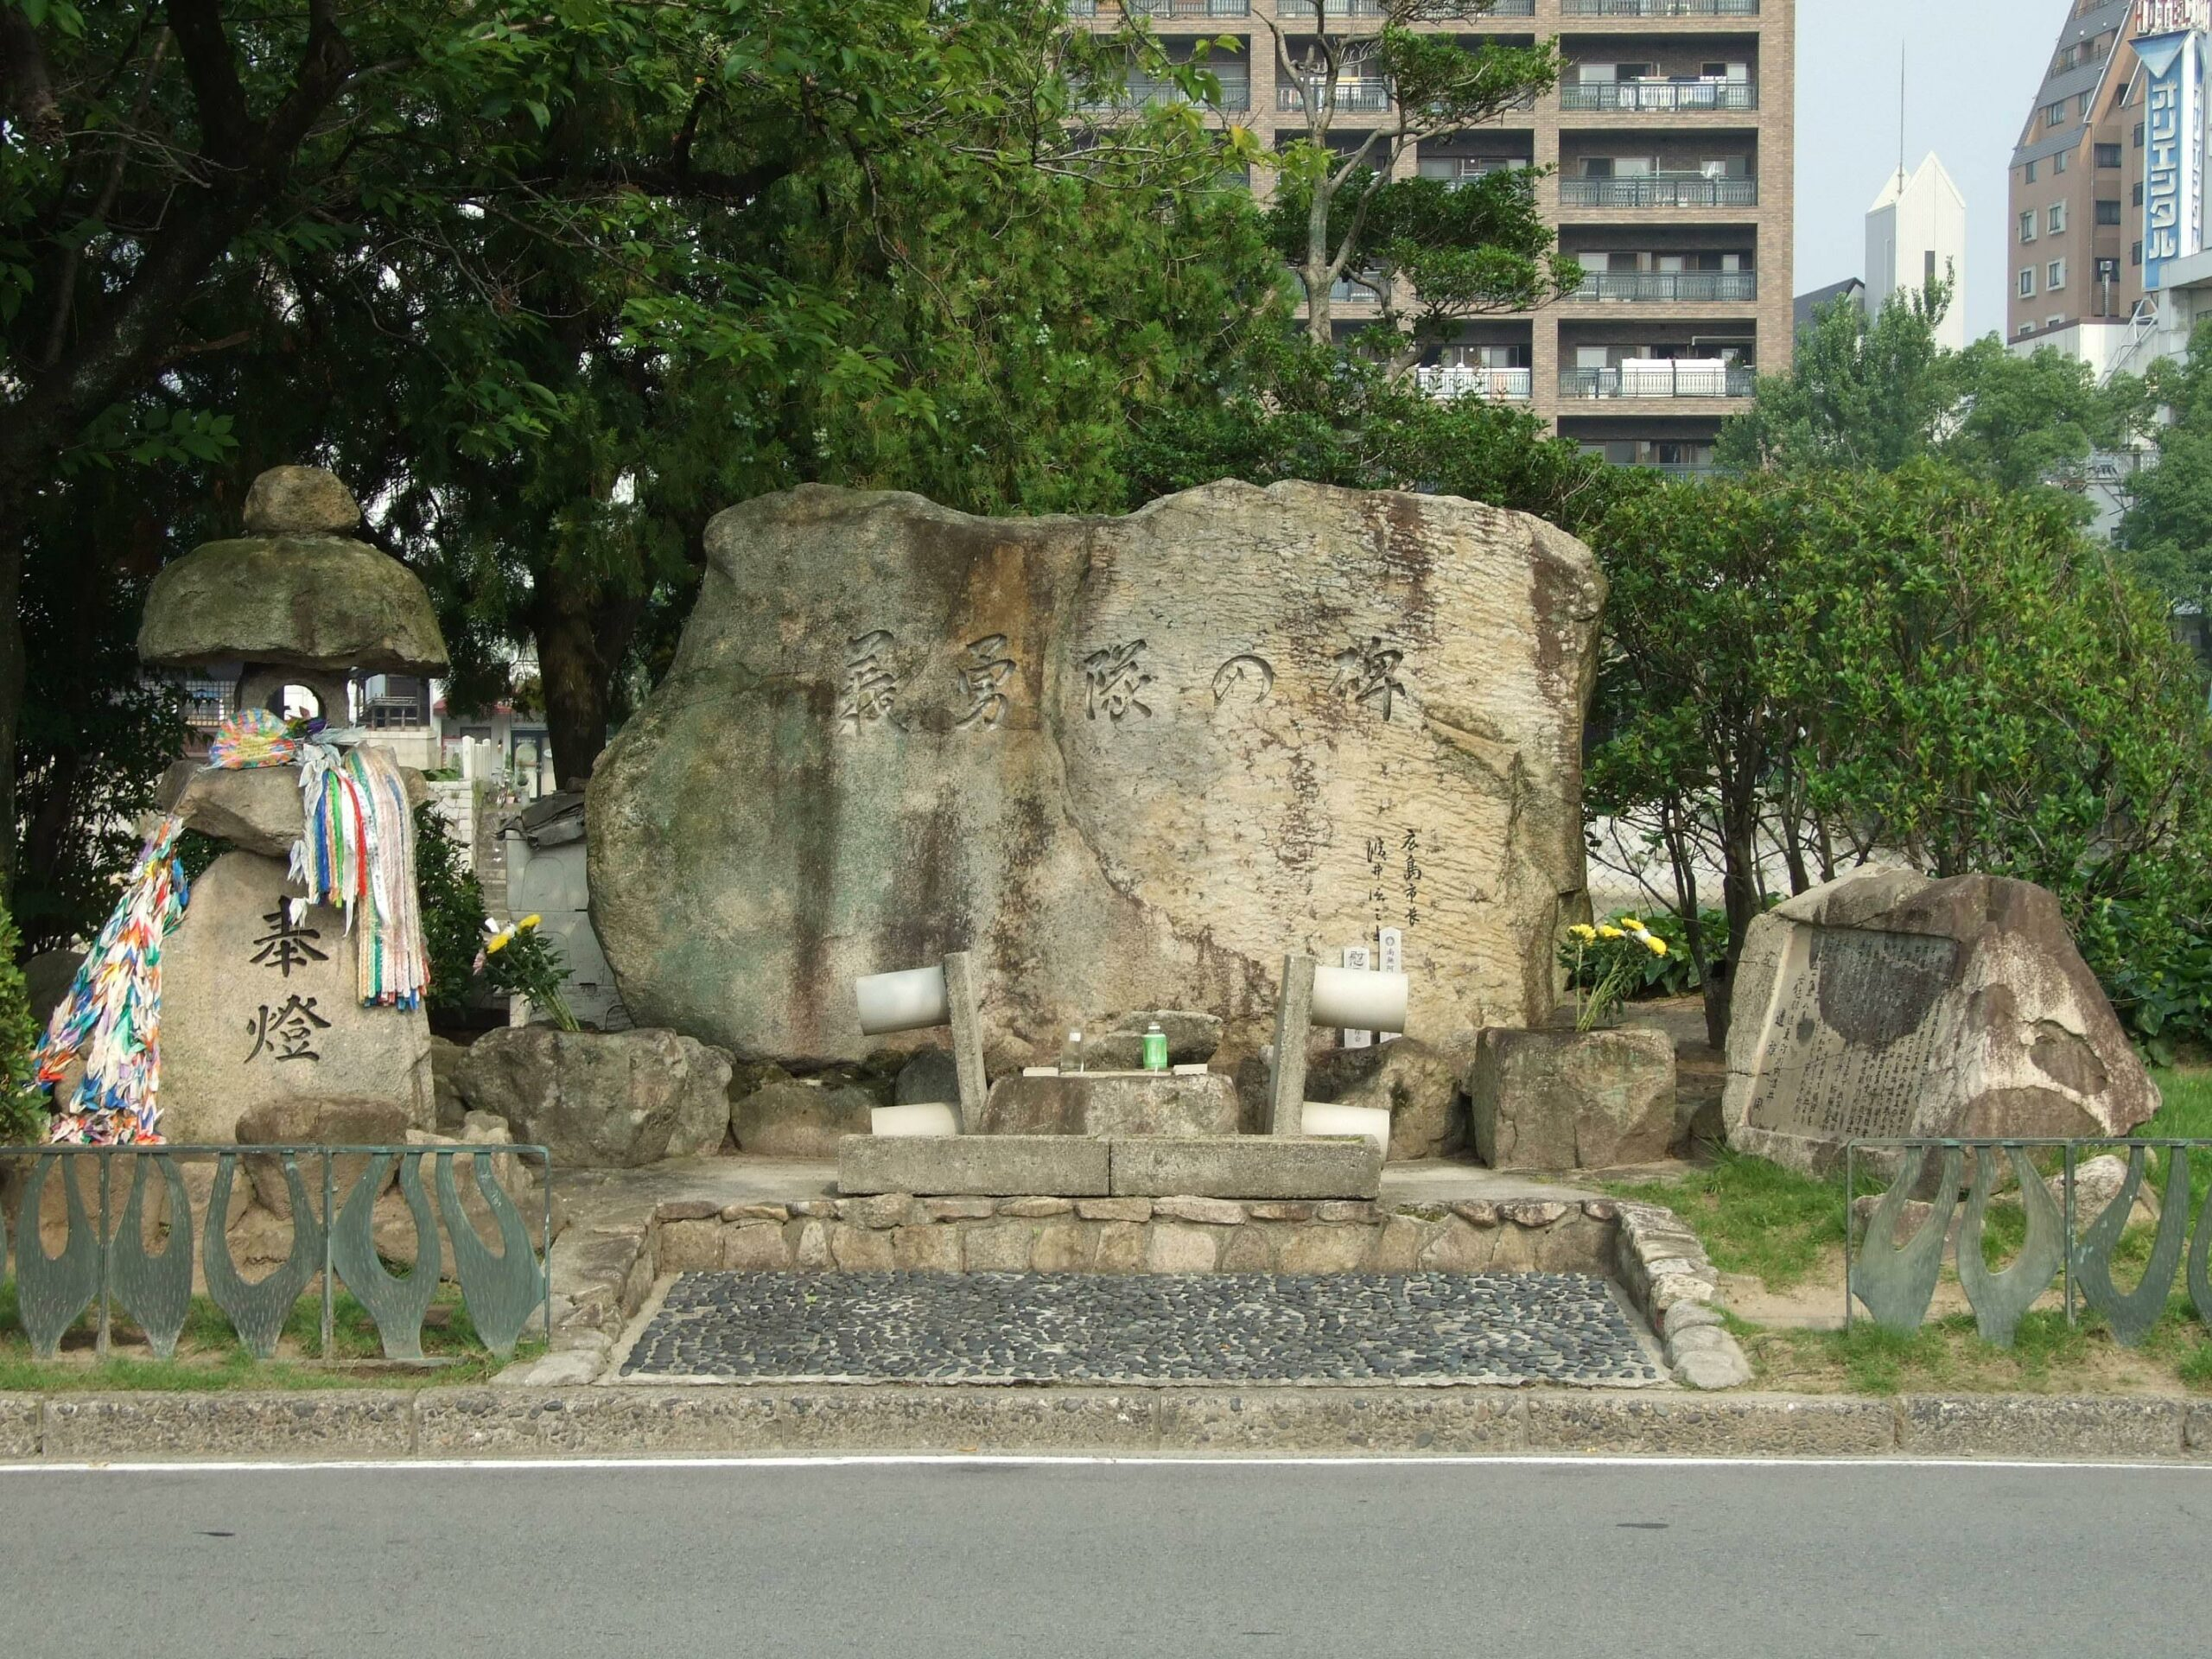 義勇隊の碑